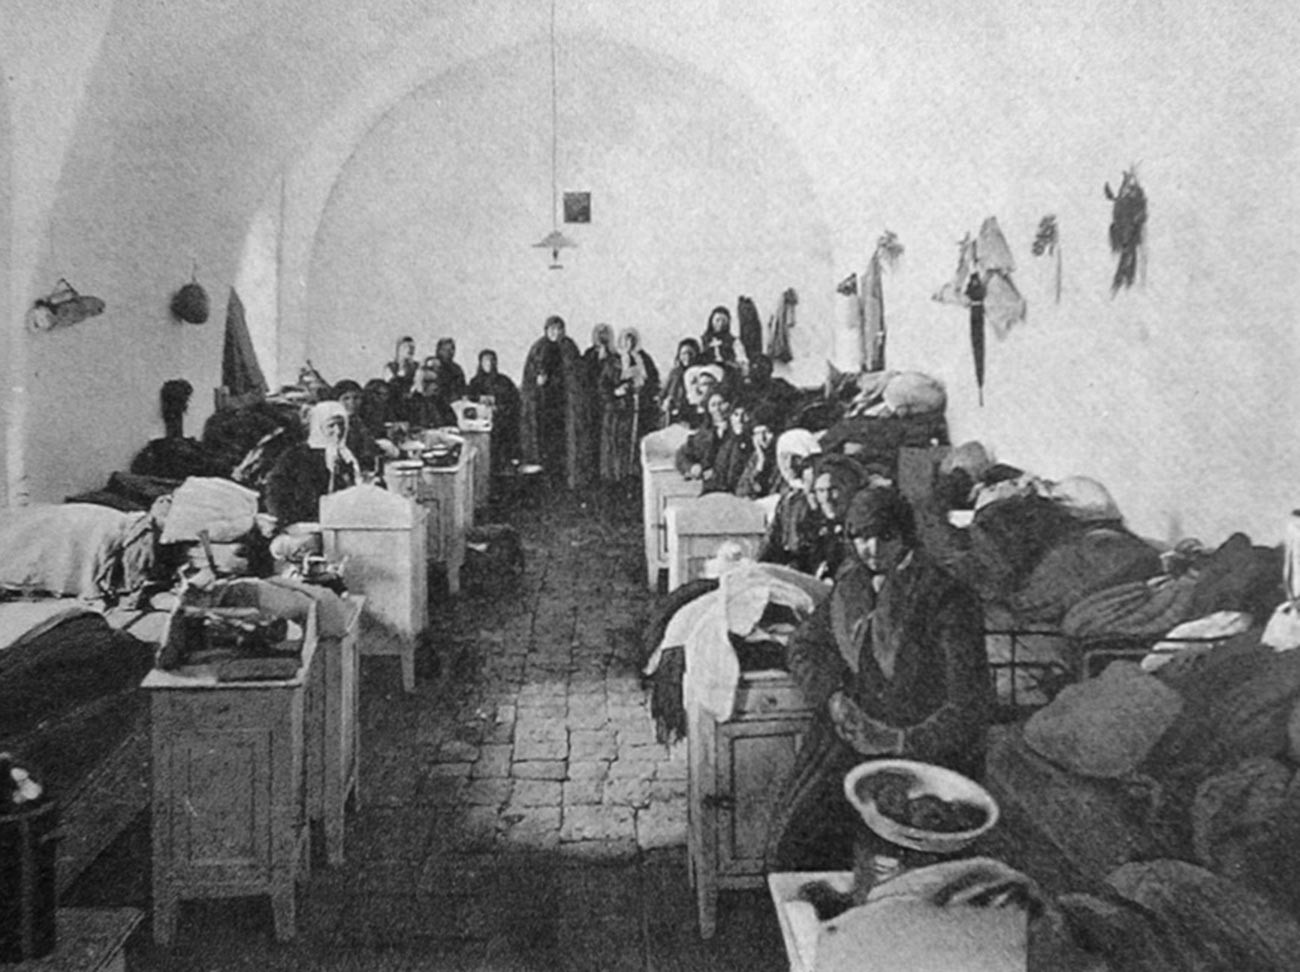 Руски православни поклоници у заједничким просторијама Маријинског подворја у Јерусалиму, 1907.